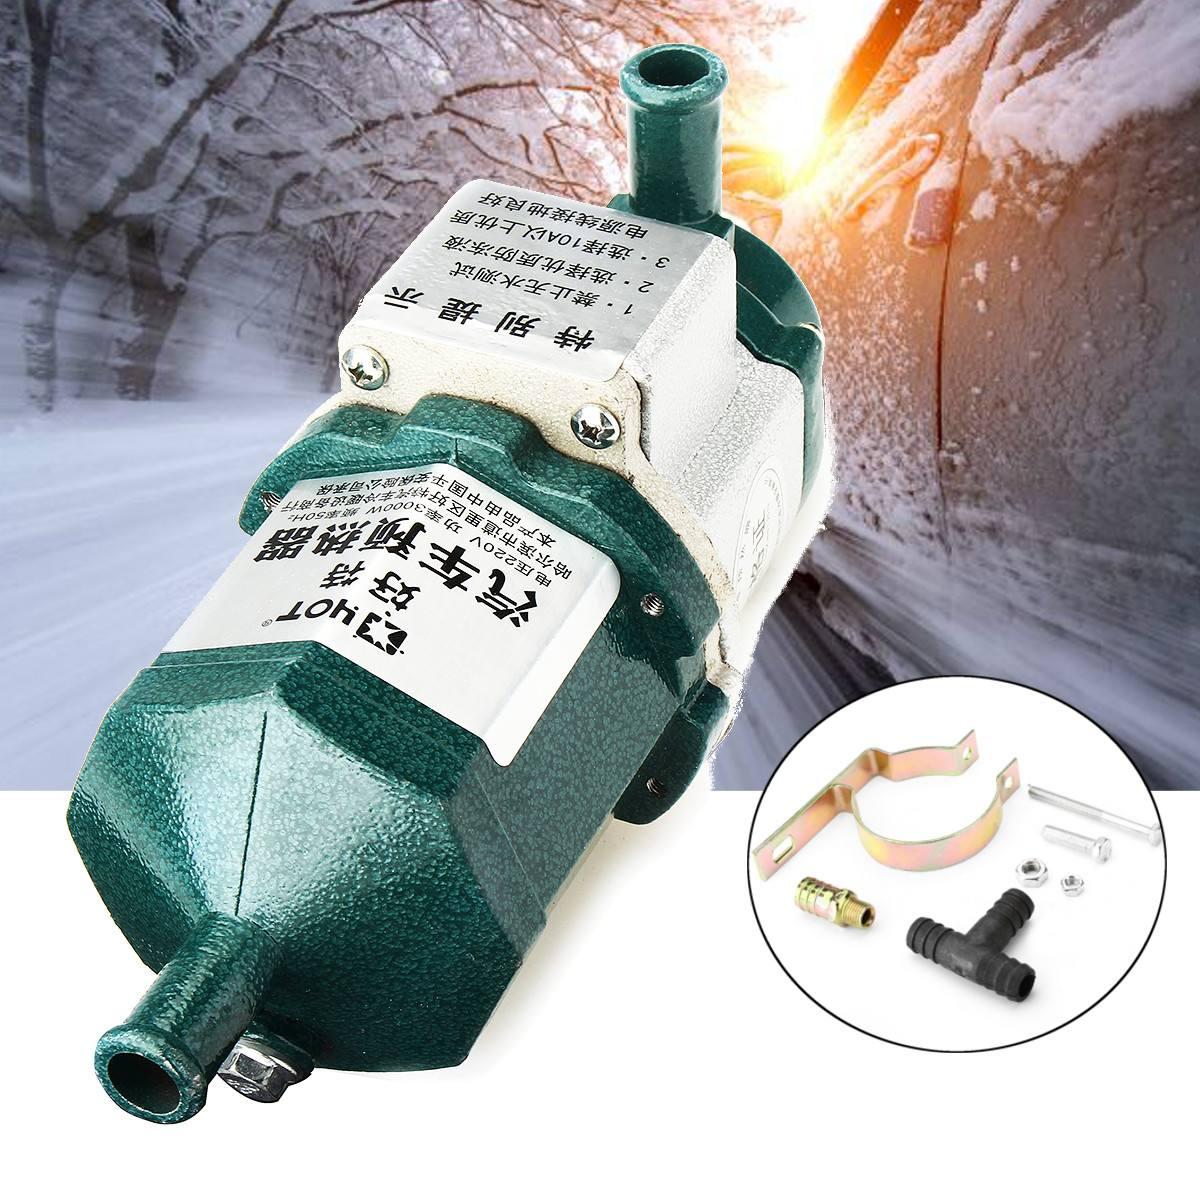 220 V 2000 W voiture moteur électrique démarrage chauffe-eau préchauffeur intelligent Air Parking moteur liquide préchauffeur voiture chauffage électrique